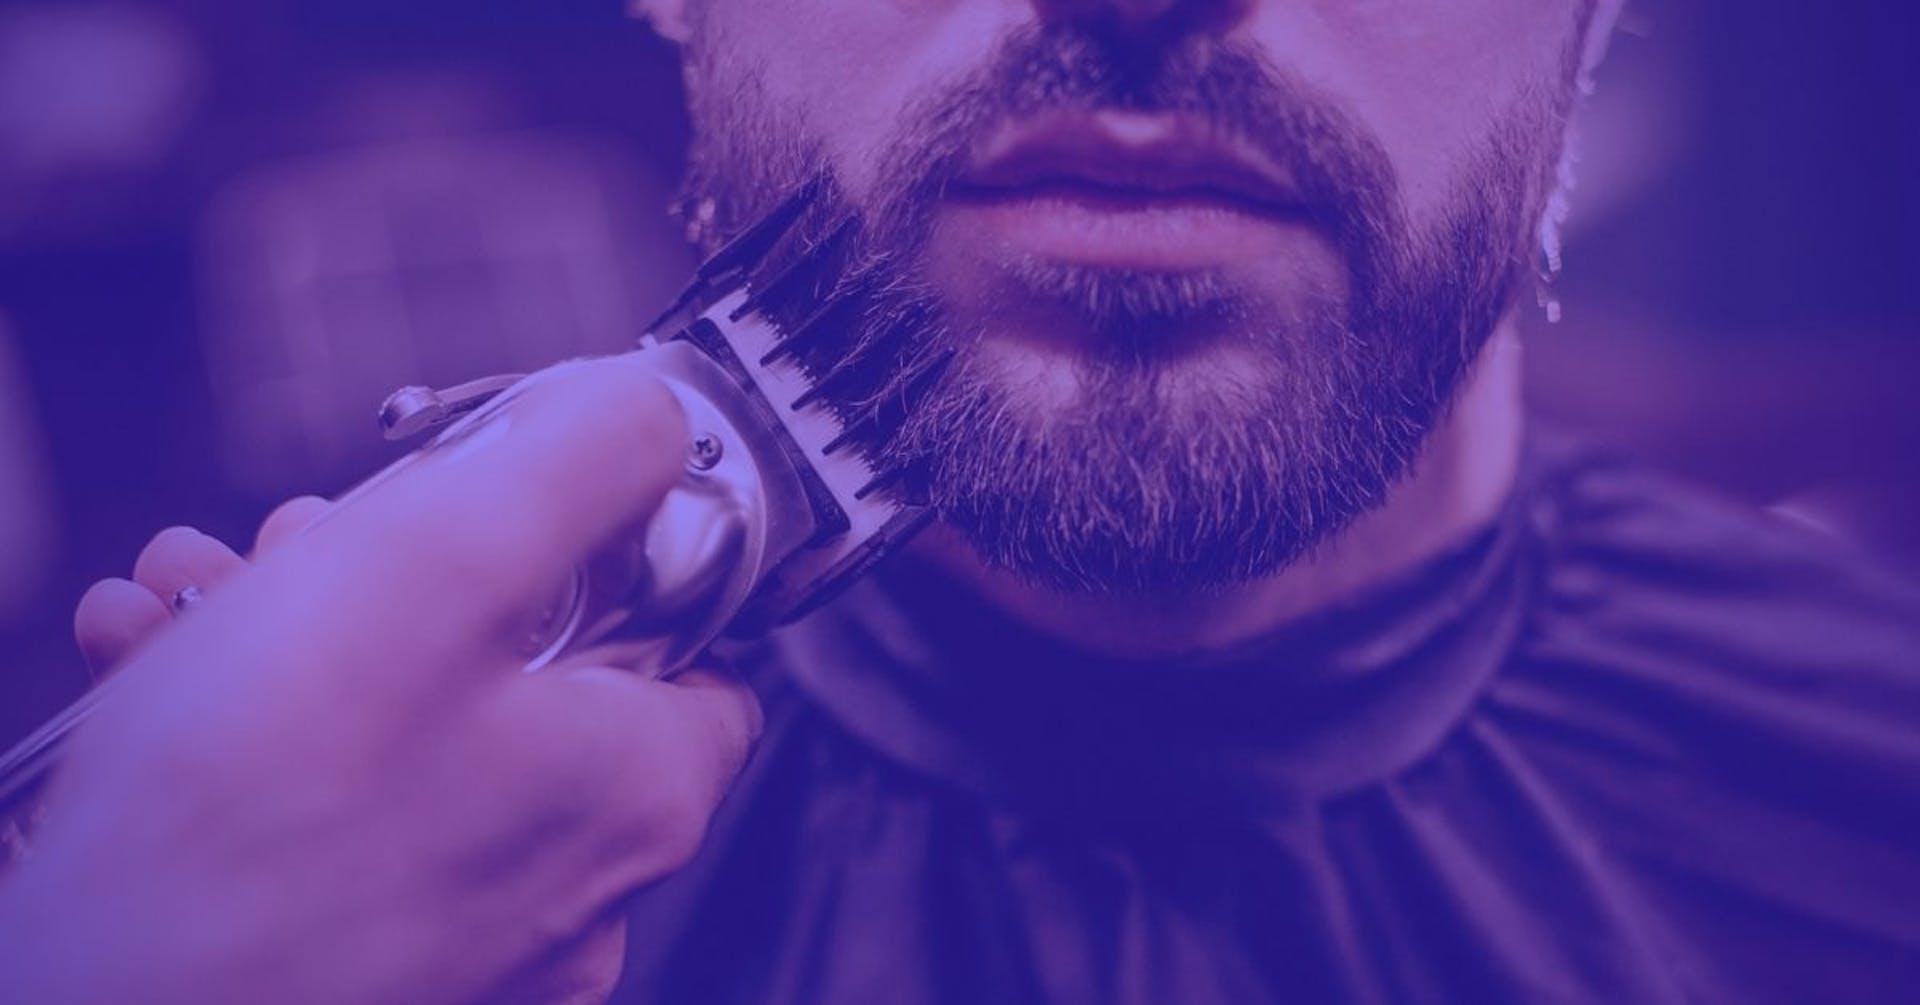 ¿Cómo afeitarse la barba en casa como un profesional? ¡No te pierdas estos tips!